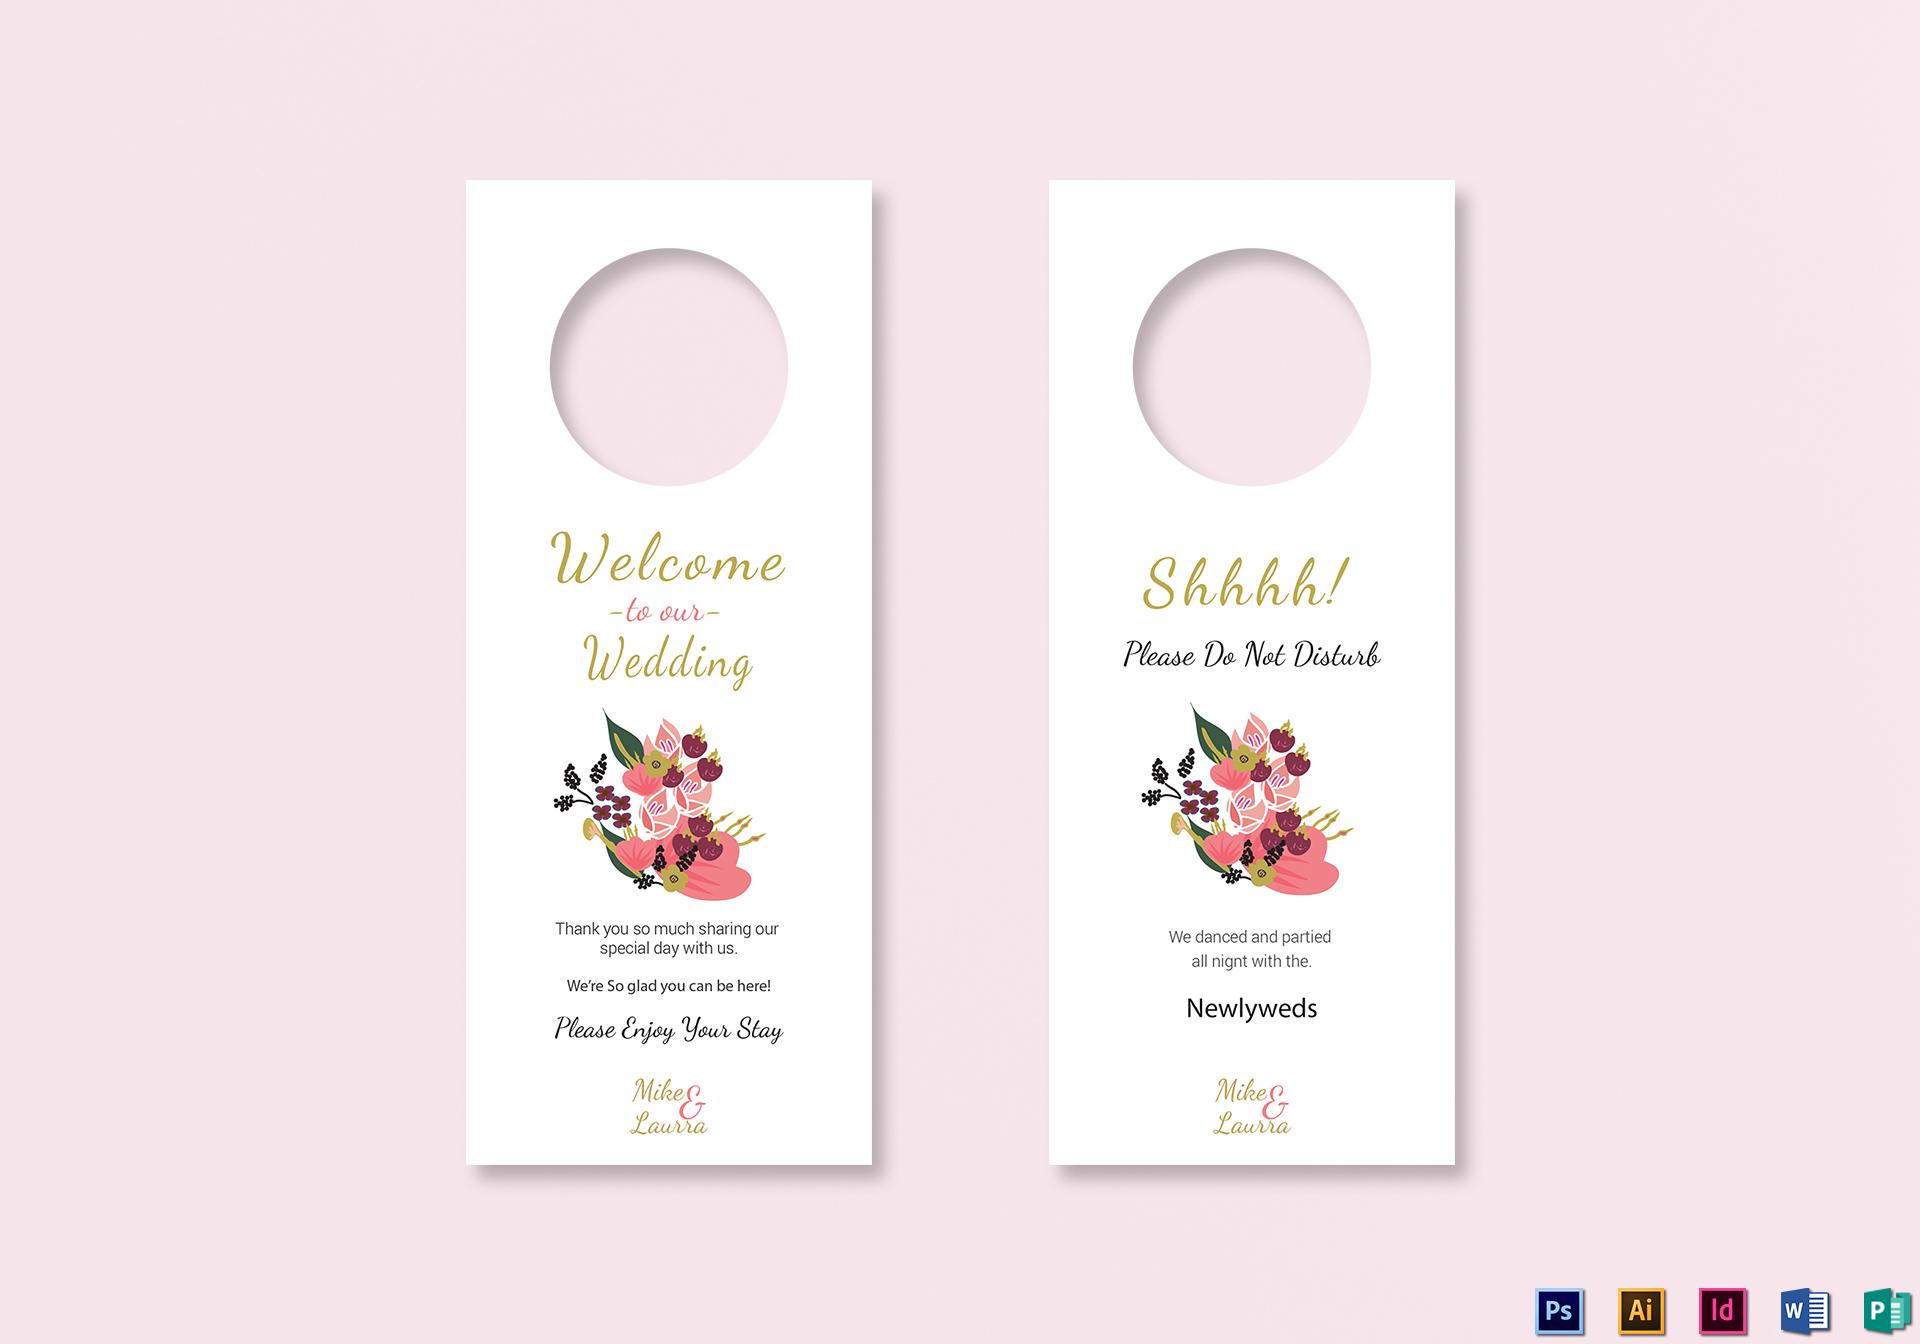 Burgundy Floral Wedding Door Hanger Card Template In Word PSD - Wedding door hangers template